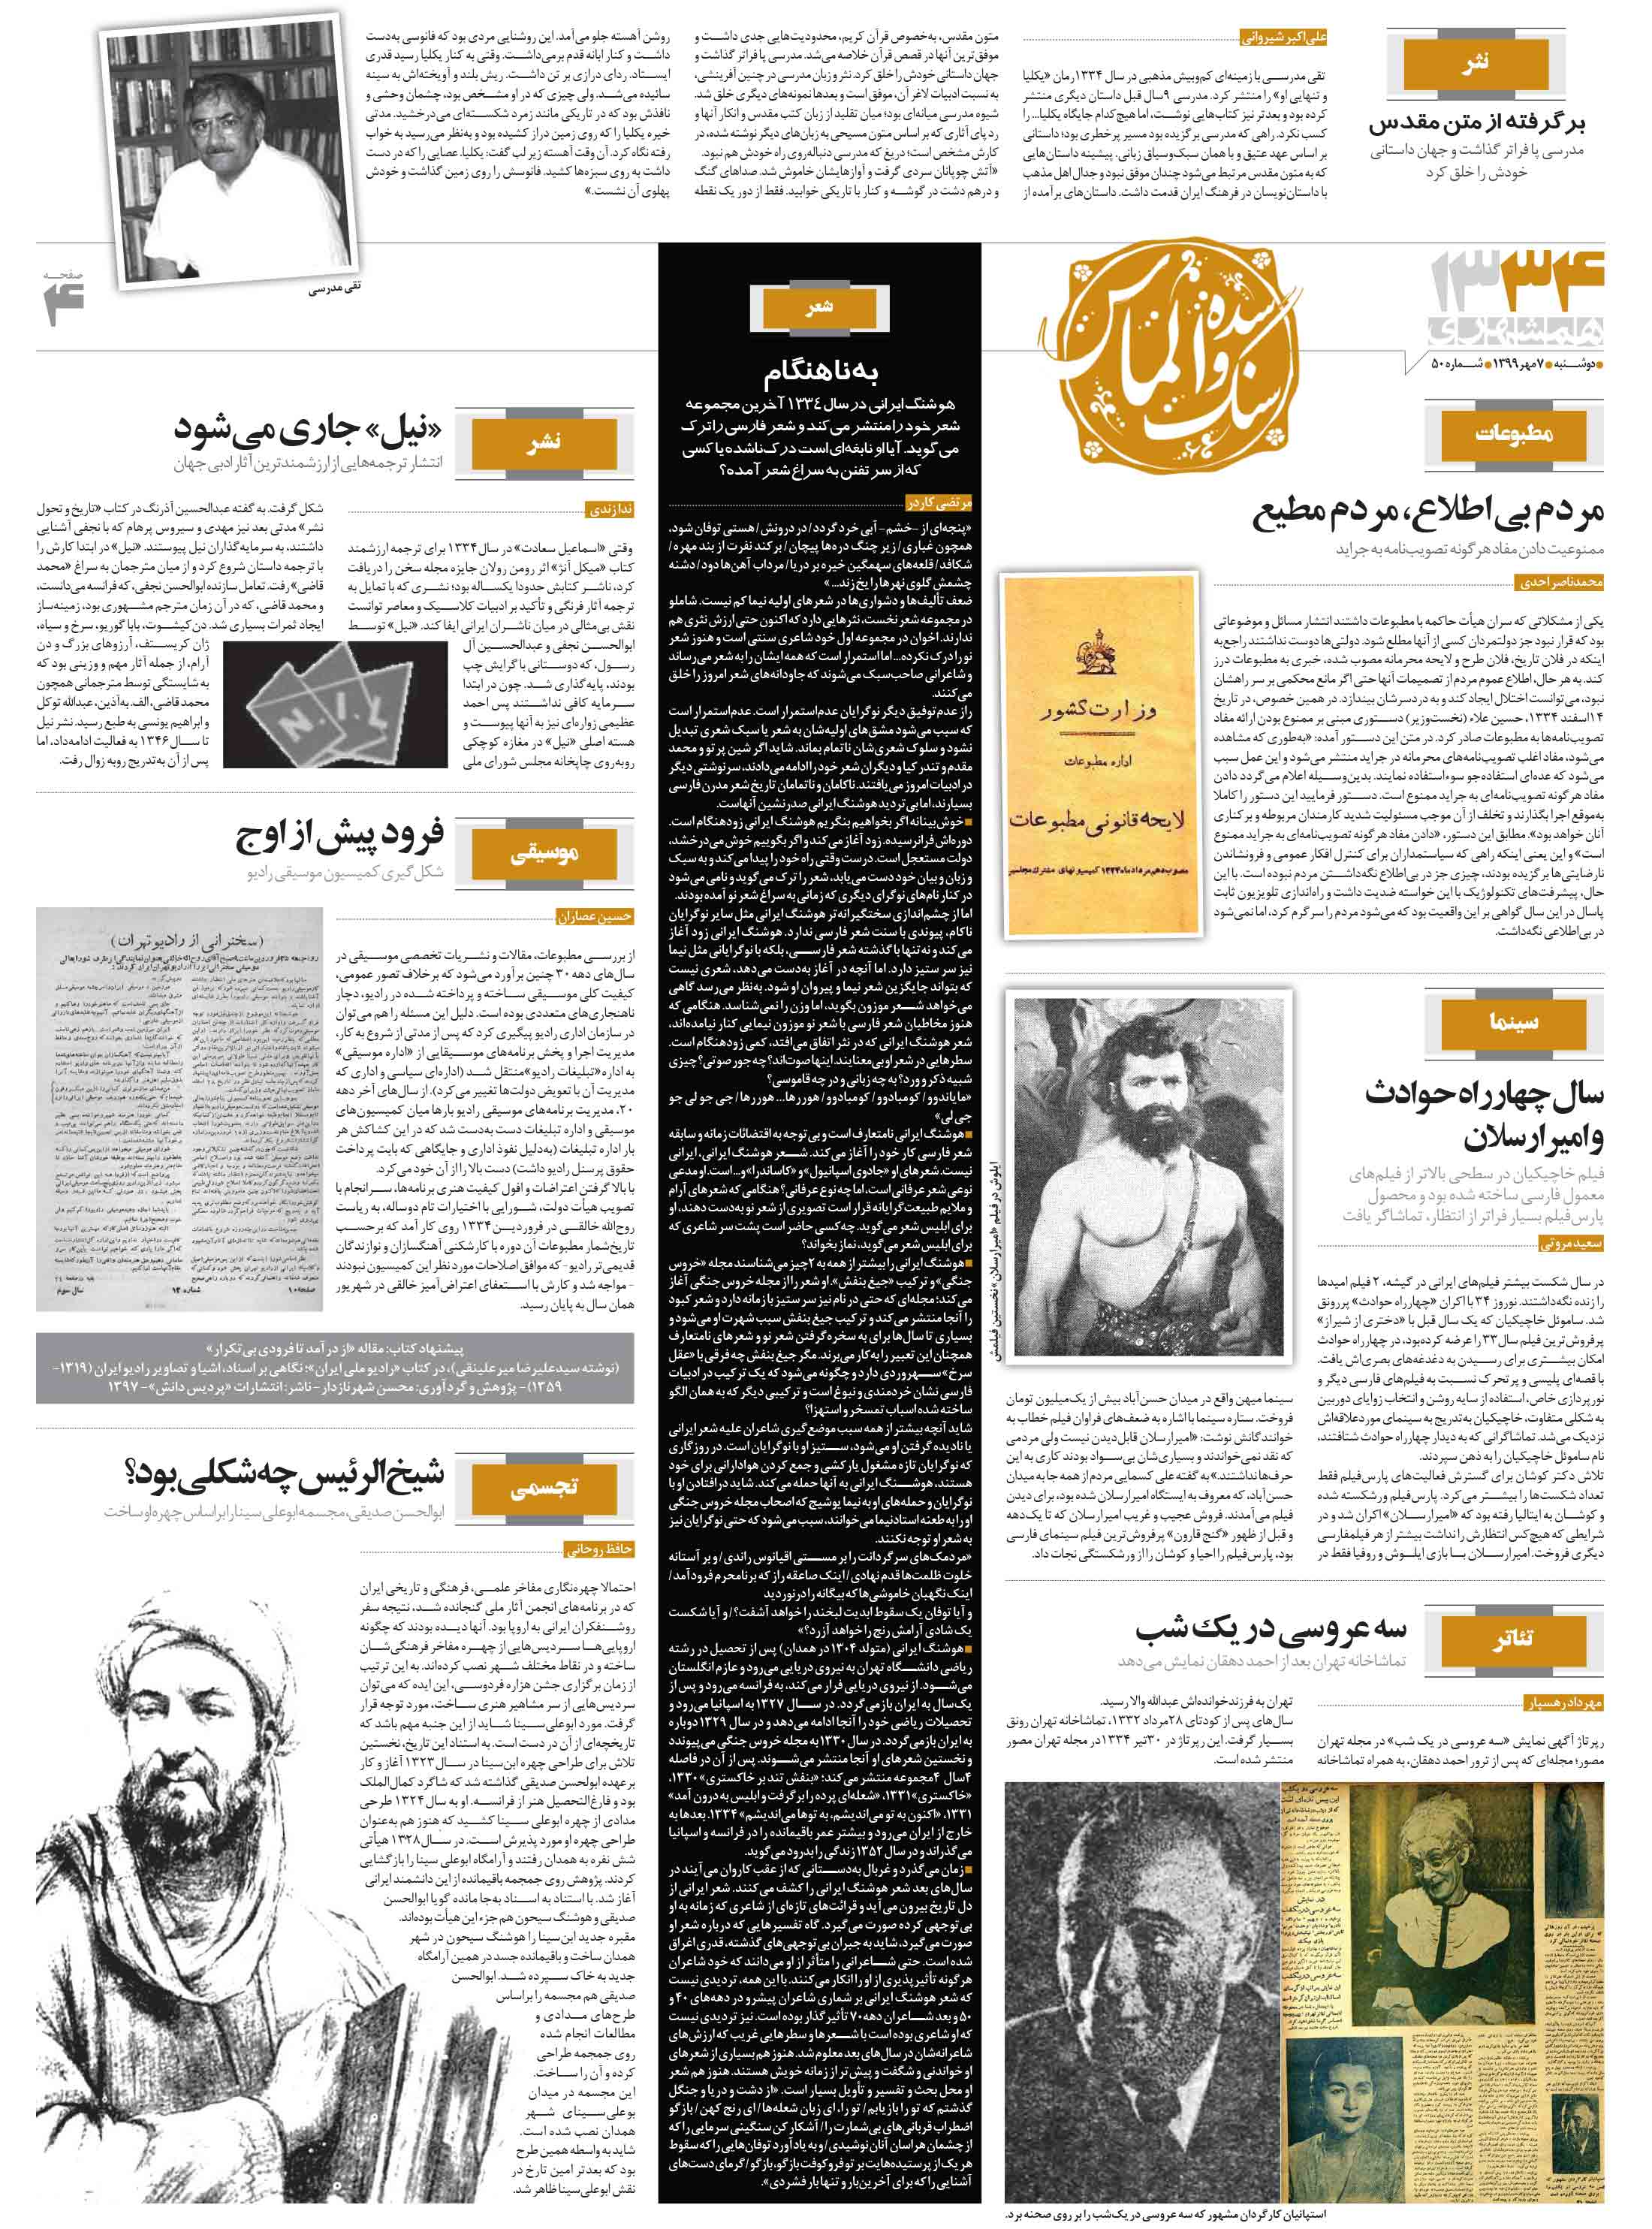 صفحه چهارم قرن